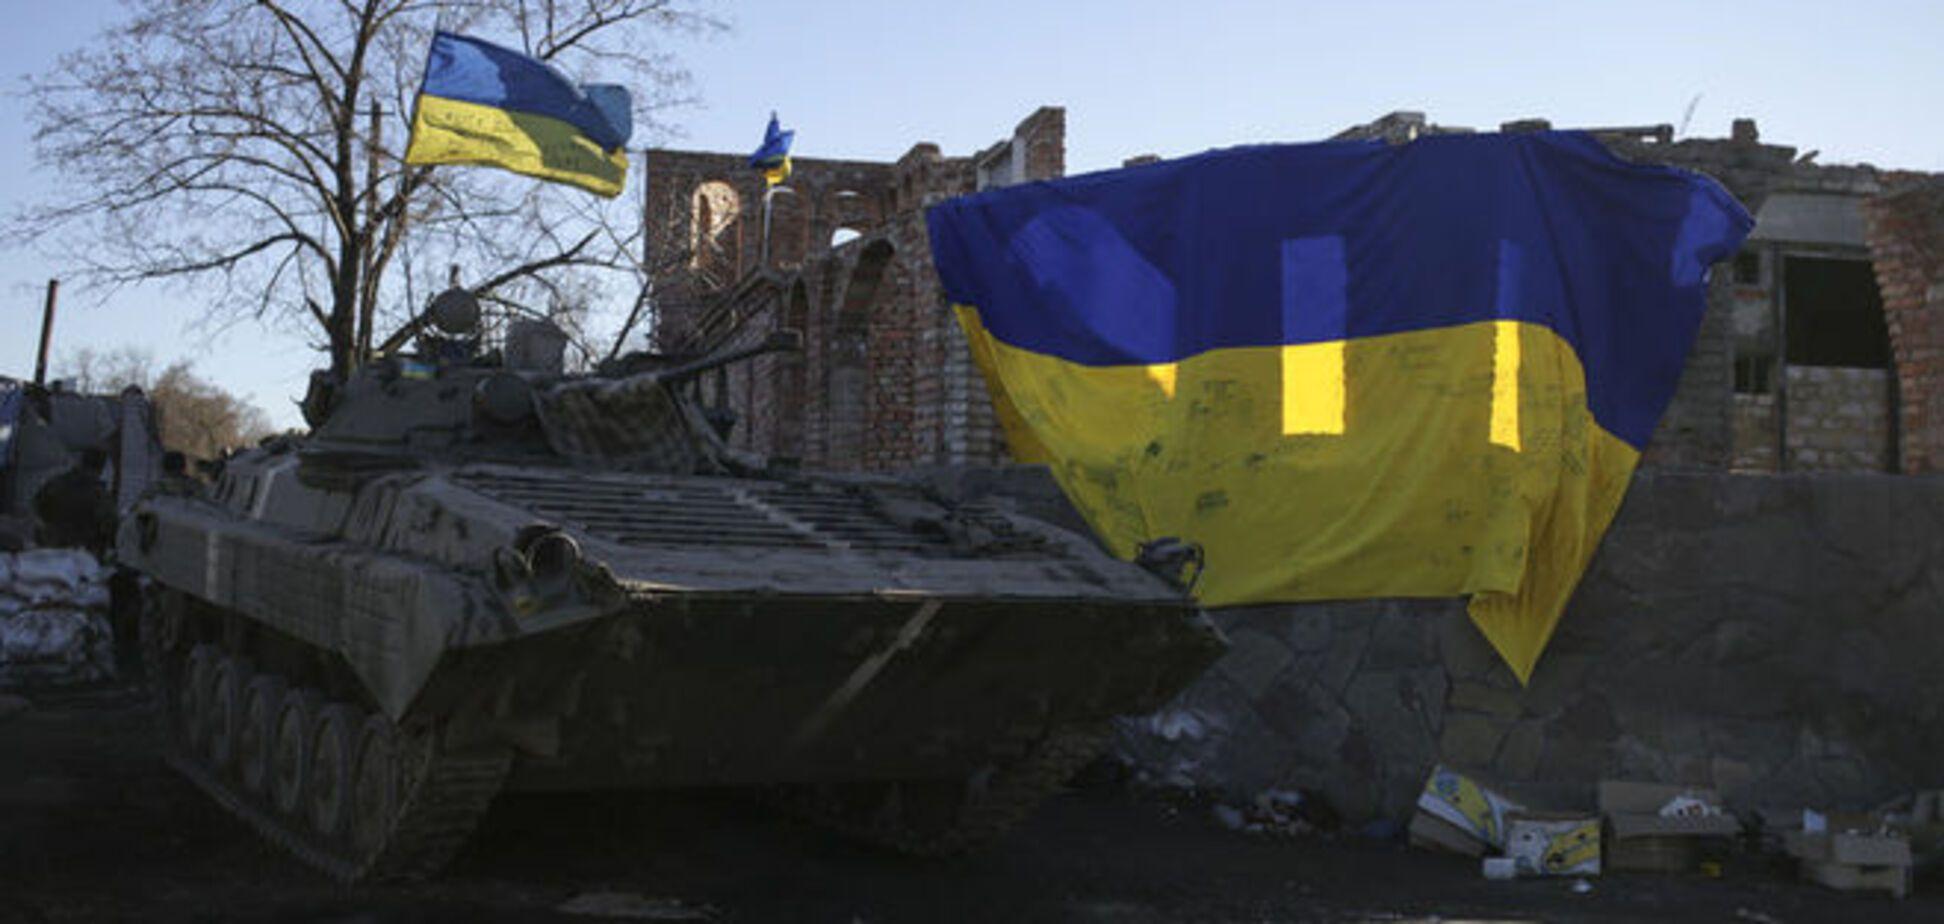 Бойцов АТО близ шахты Бутовка обстреляли из артиллерии и минометов